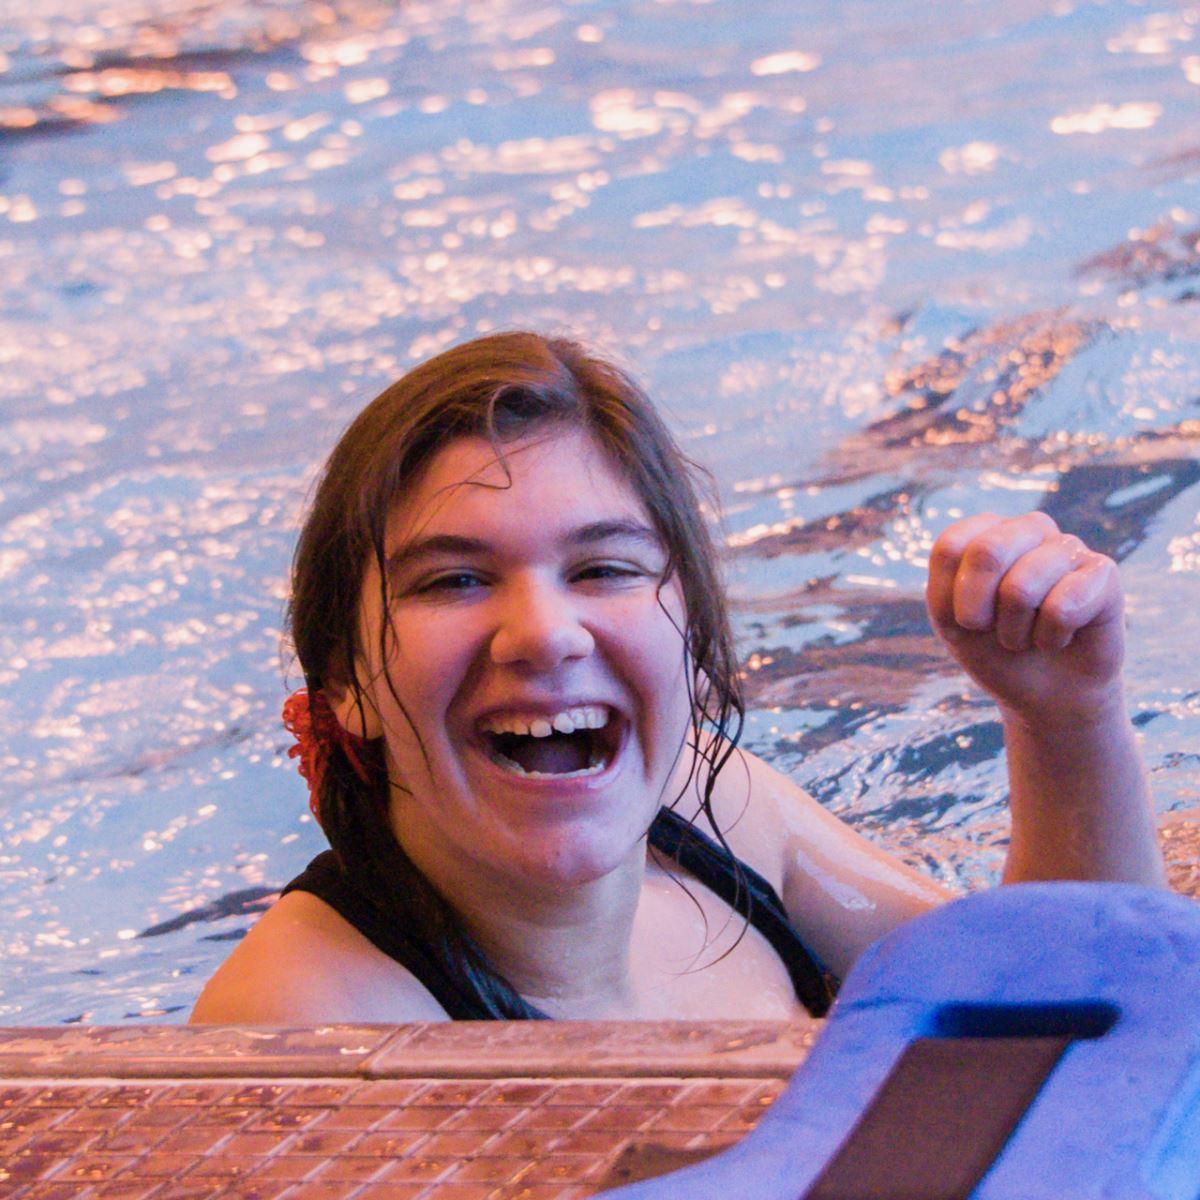 Smiling swimmer